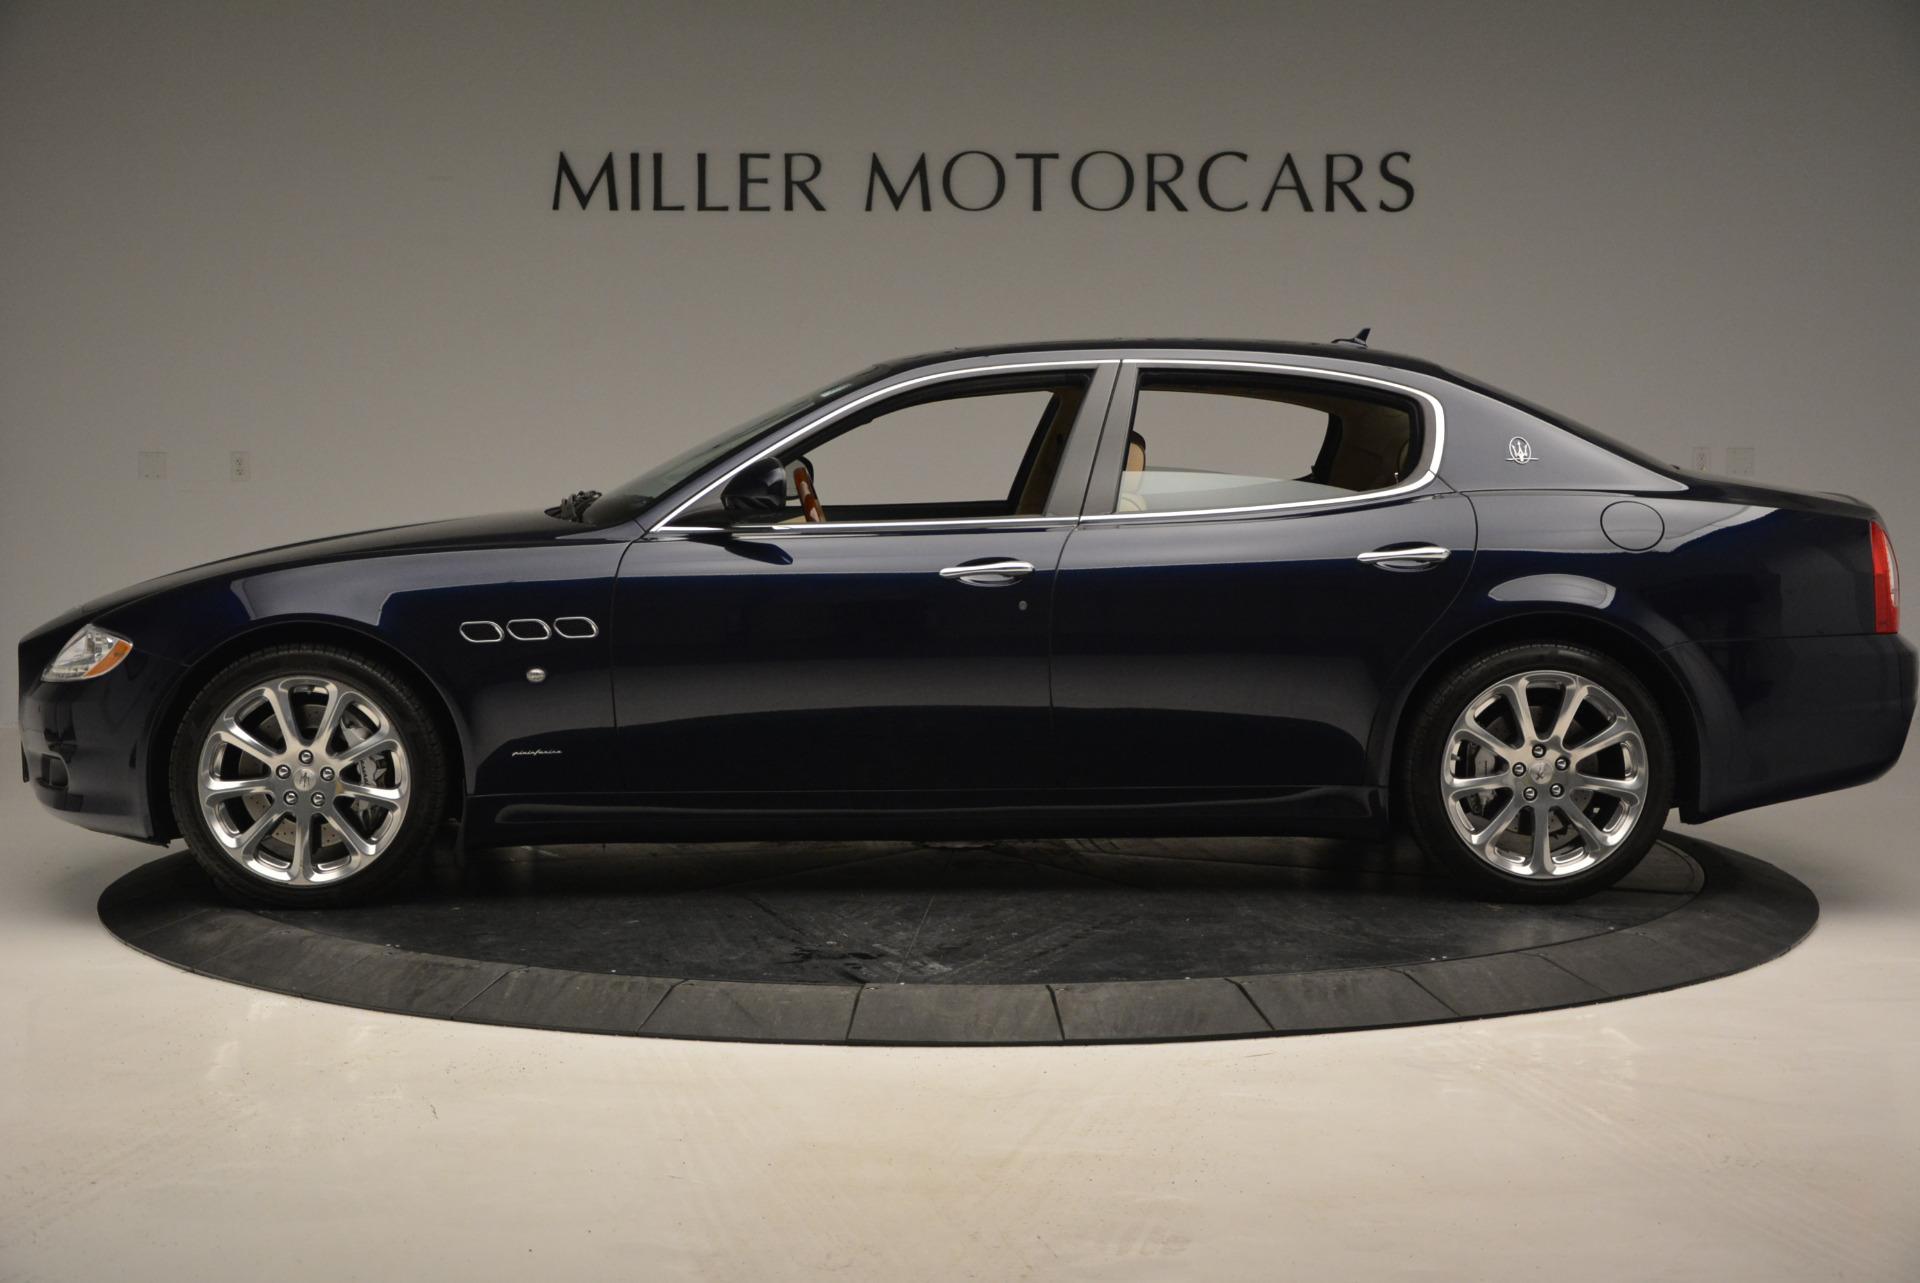 Used 2010 Maserati Quattroporte S For Sale In Greenwich, CT. Alfa Romeo of Greenwich, 1267 795_p3